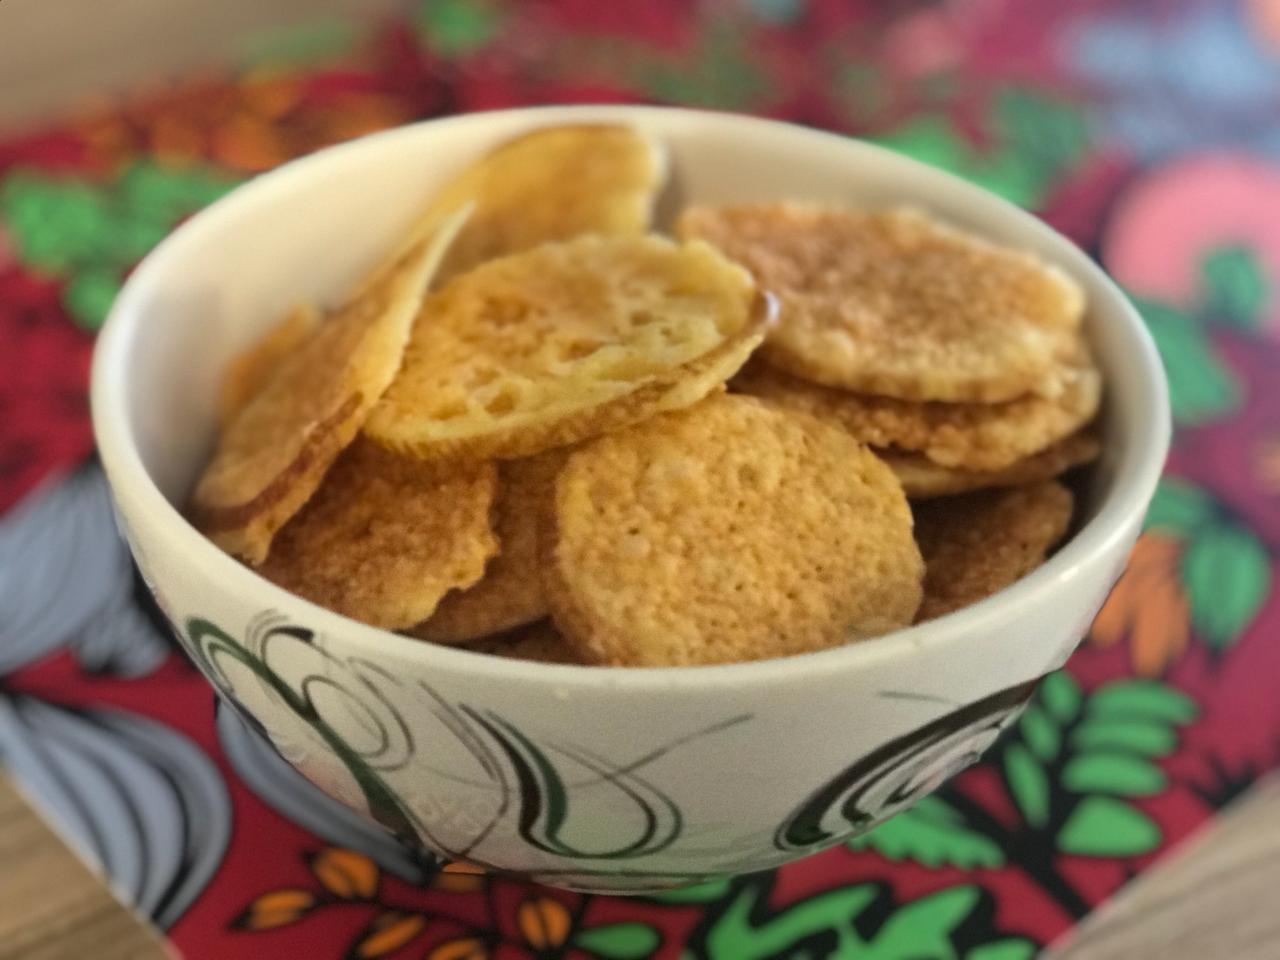 queijo desidratado como fazer - snack lowcarb